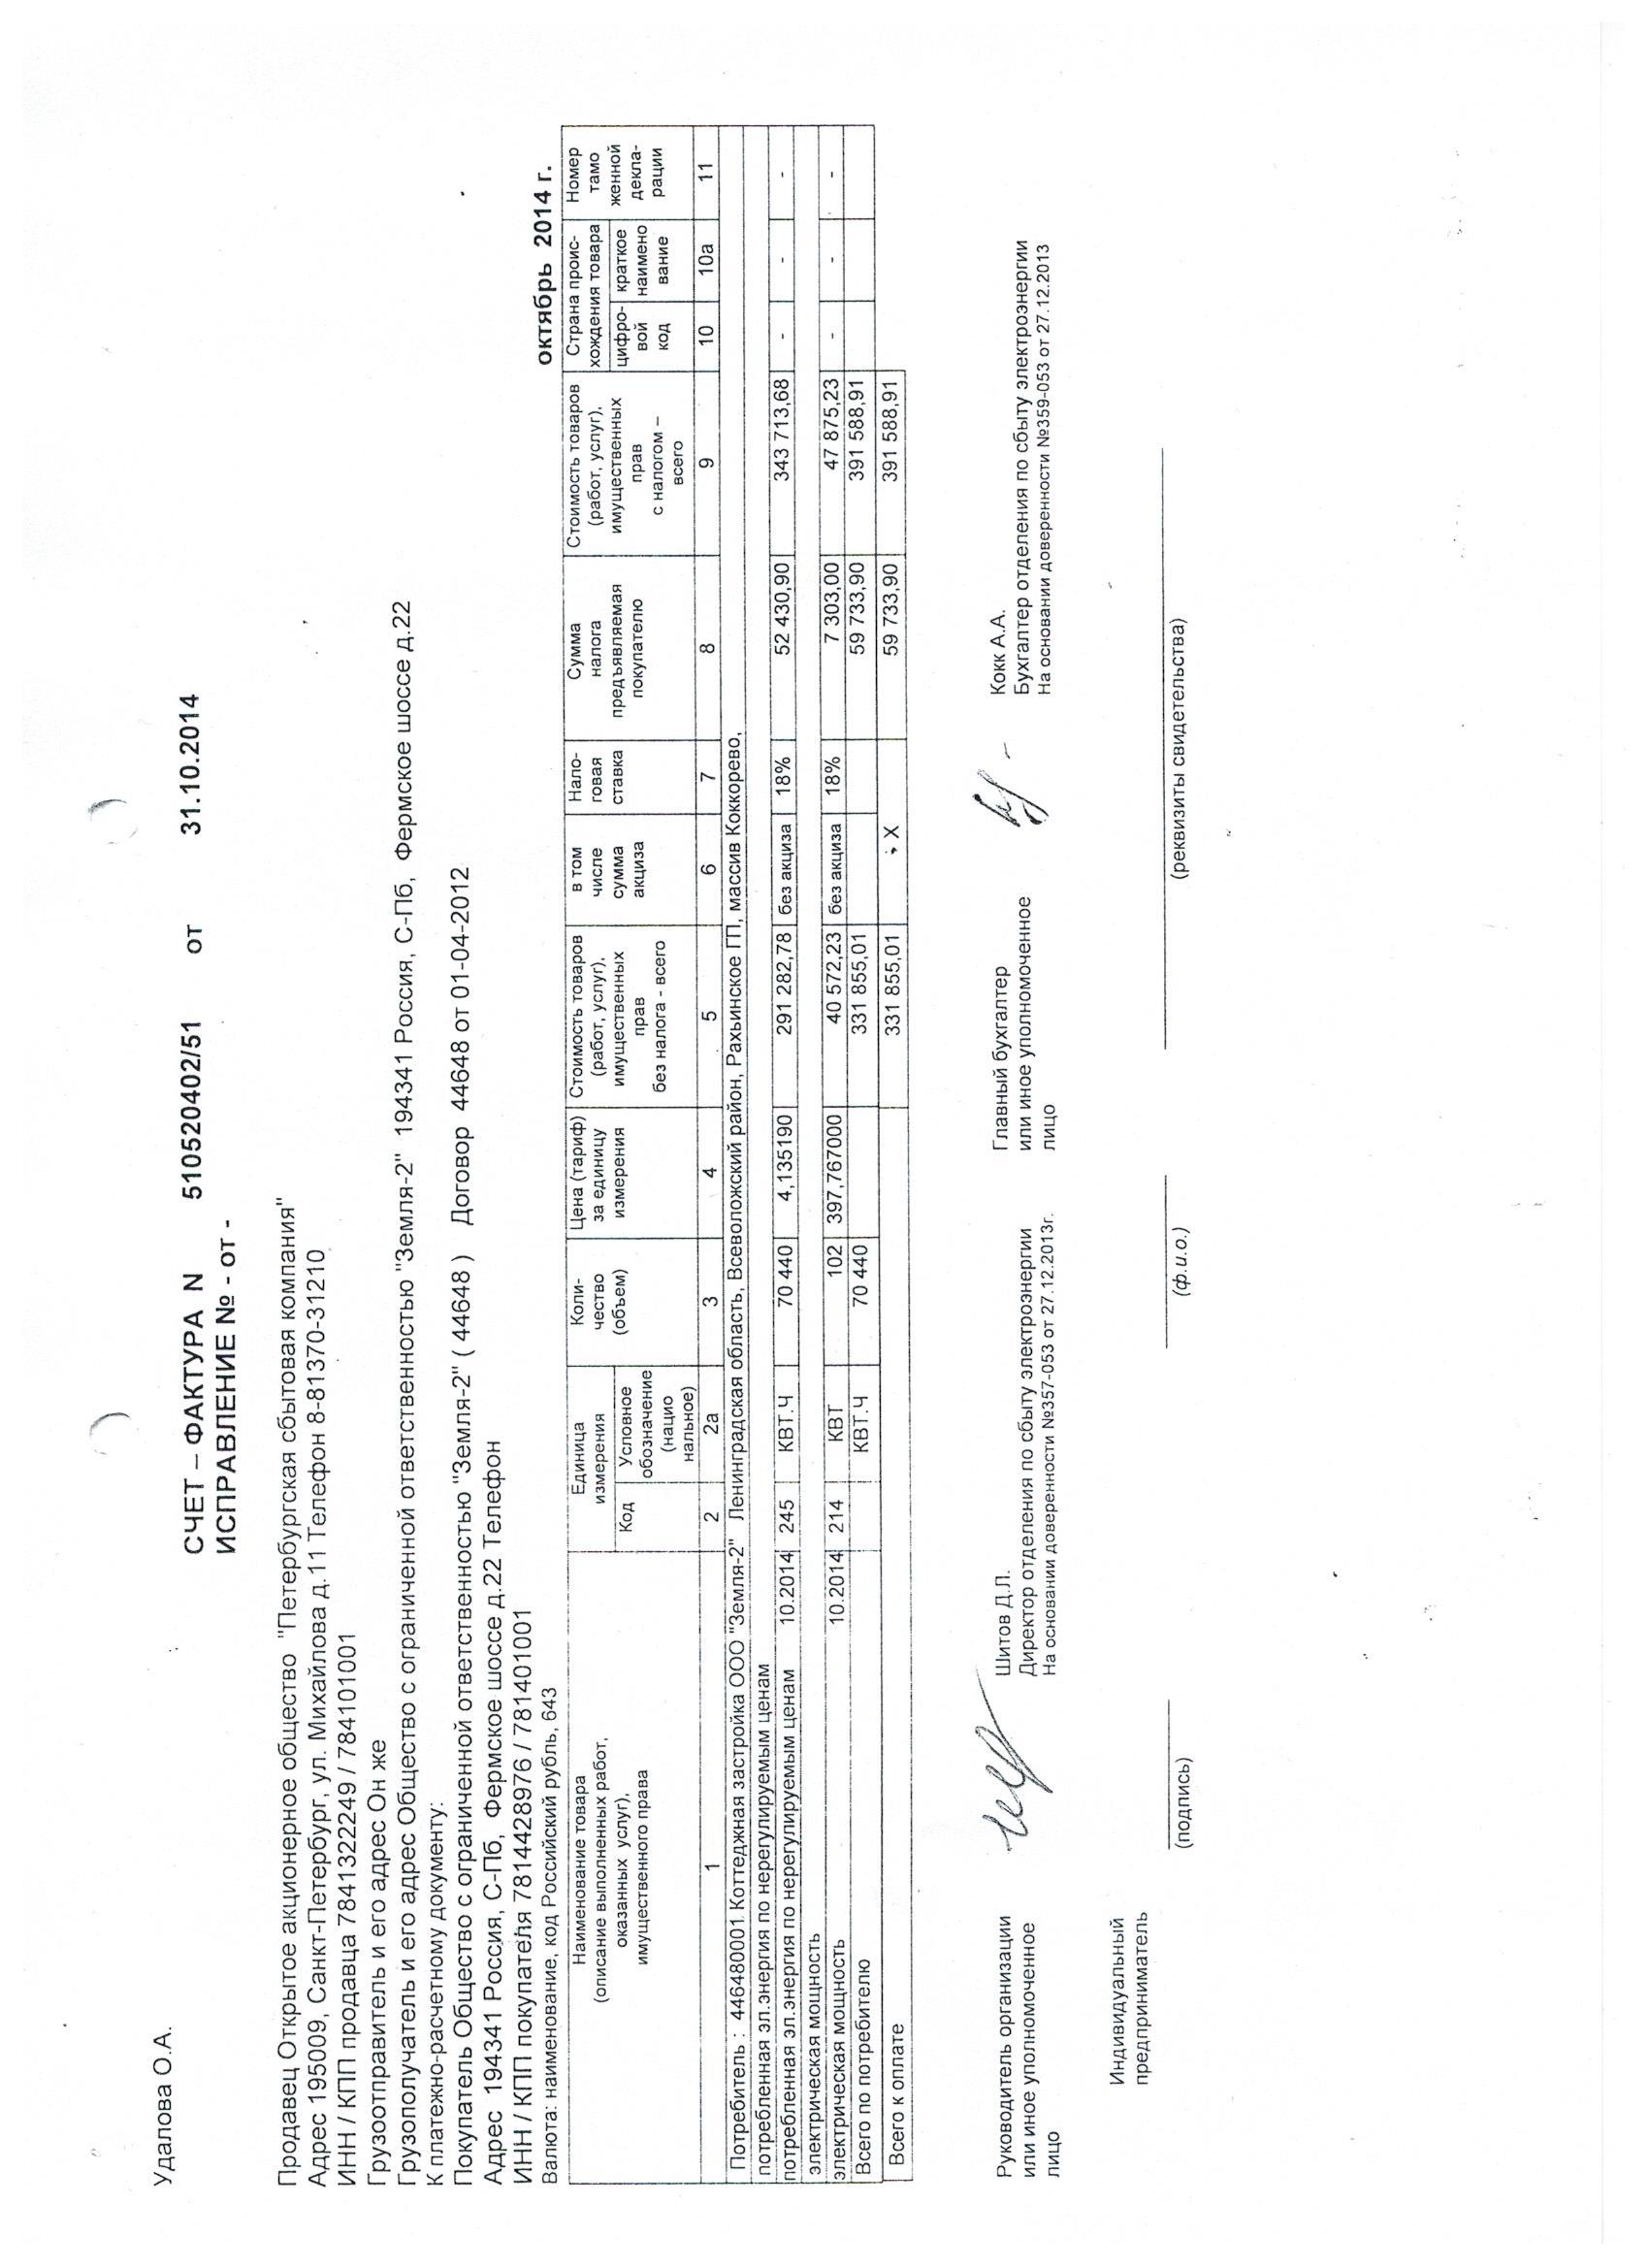 бланк оборотно-сальдовой ведомости по счету 01 2014